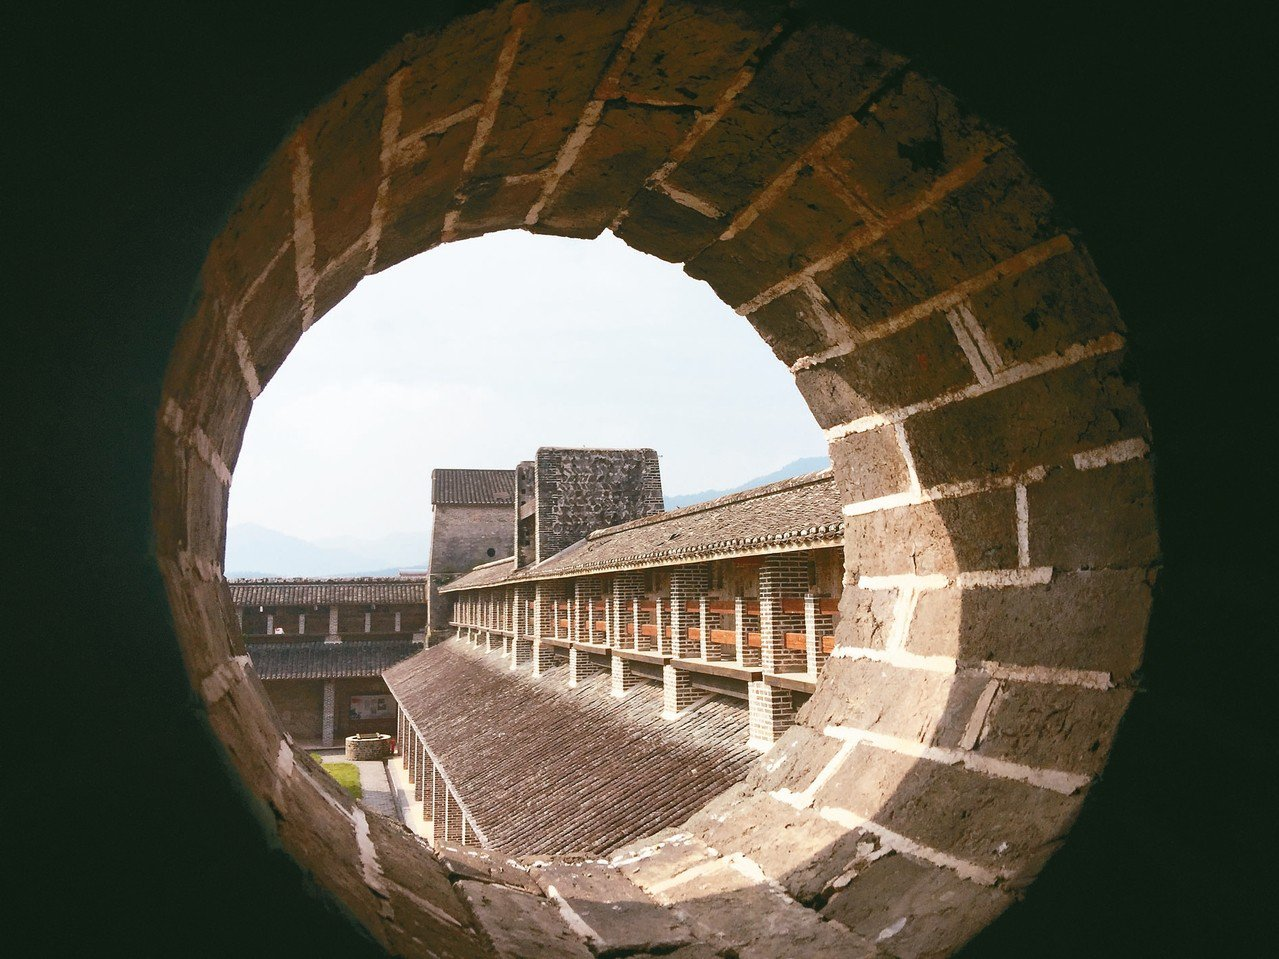 由槍眼望出去的雙峰寨內部建築 記者汪莉絹/攝影